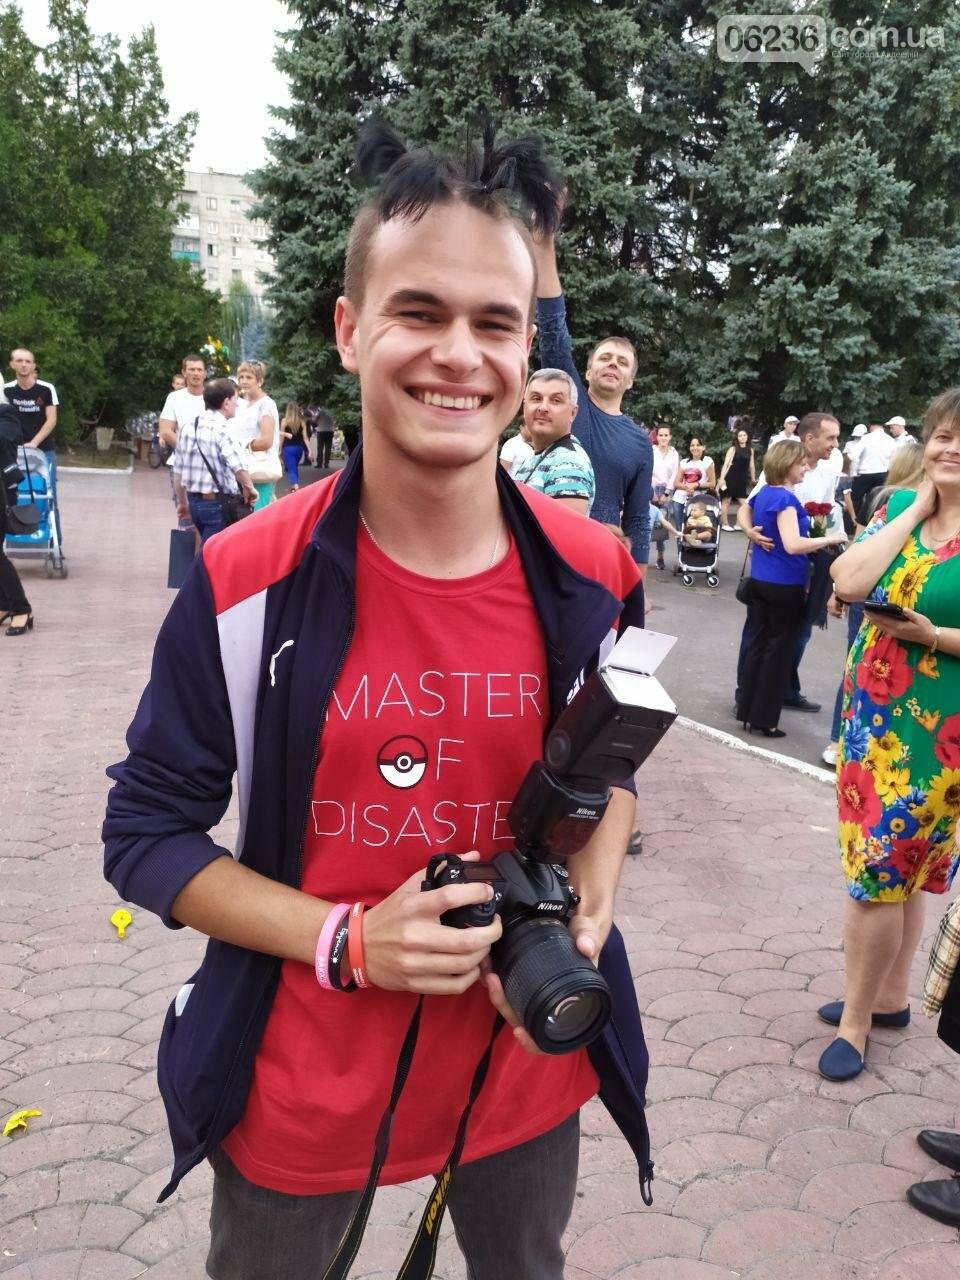 Авдеевка ярко отпраздновала День города (ФОТОРЕПОРТАЖ), фото-11